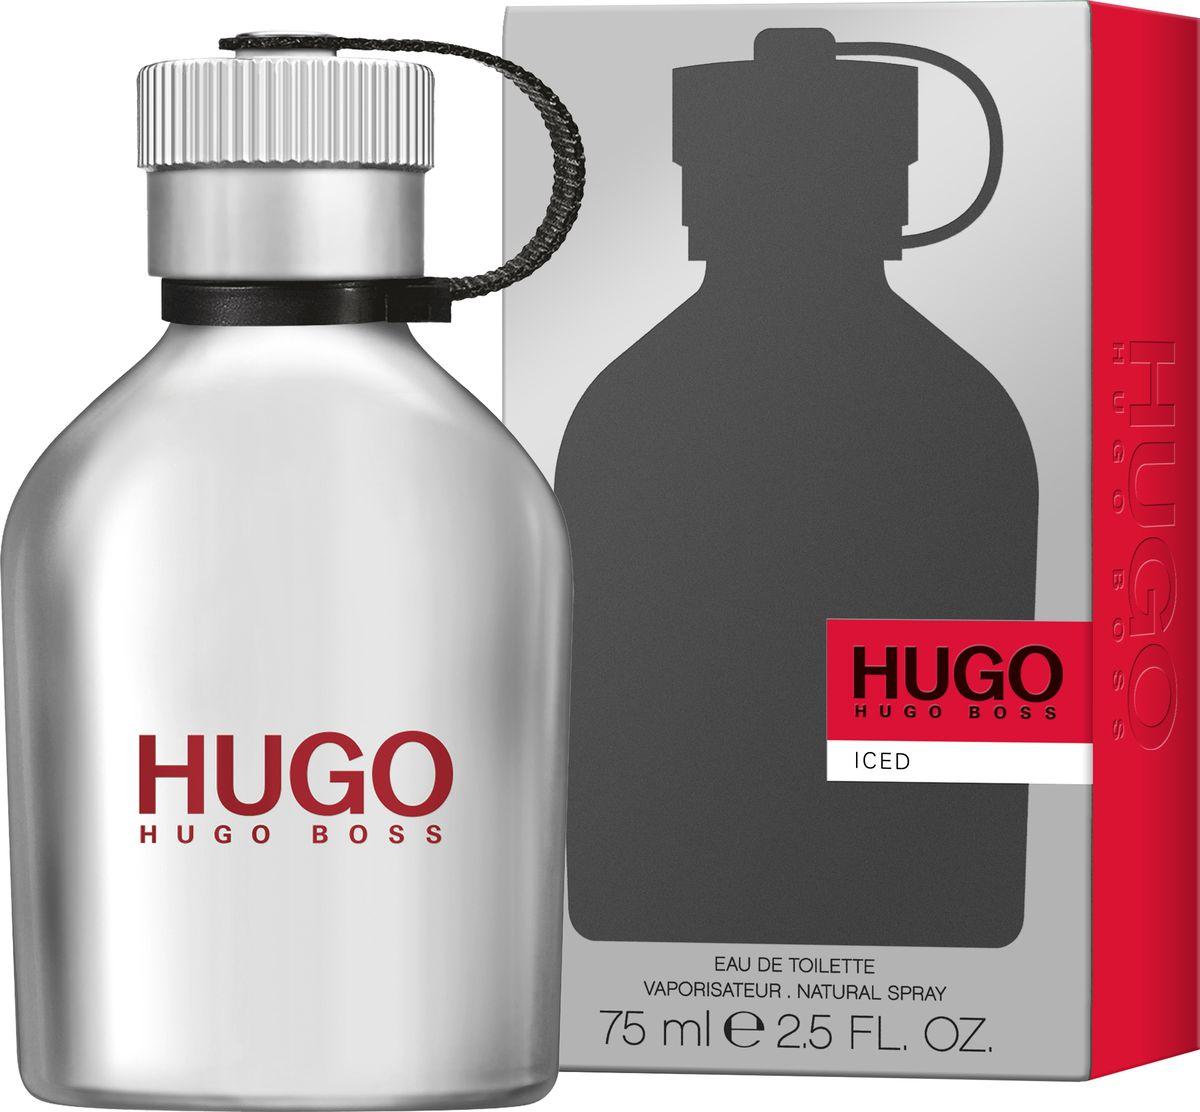 Hugo Boss Hugo Iced Туалетная вода 75 мл1092018Hugo Iced – новый аромат, заряжающий энергией. Для тех, кто не боится следовать за своей мечтой. Он идеально передает смелый и дерзкий характер HUGO, а металлический леденящий флакон в форме фляги отражает бодрящие и свежие нотки композиции. Верхняя нота ледяной мяты пробуждает и дарит энергию на весь день. В сердце аромата звучат придающие уверенность ноты чайного дерева в сочетании с можжевельником и горьким апельсином. Ветивер в базовых нотах делает аромат мужественным и насыщенным, наполняет решительностью и поднимает настроение.